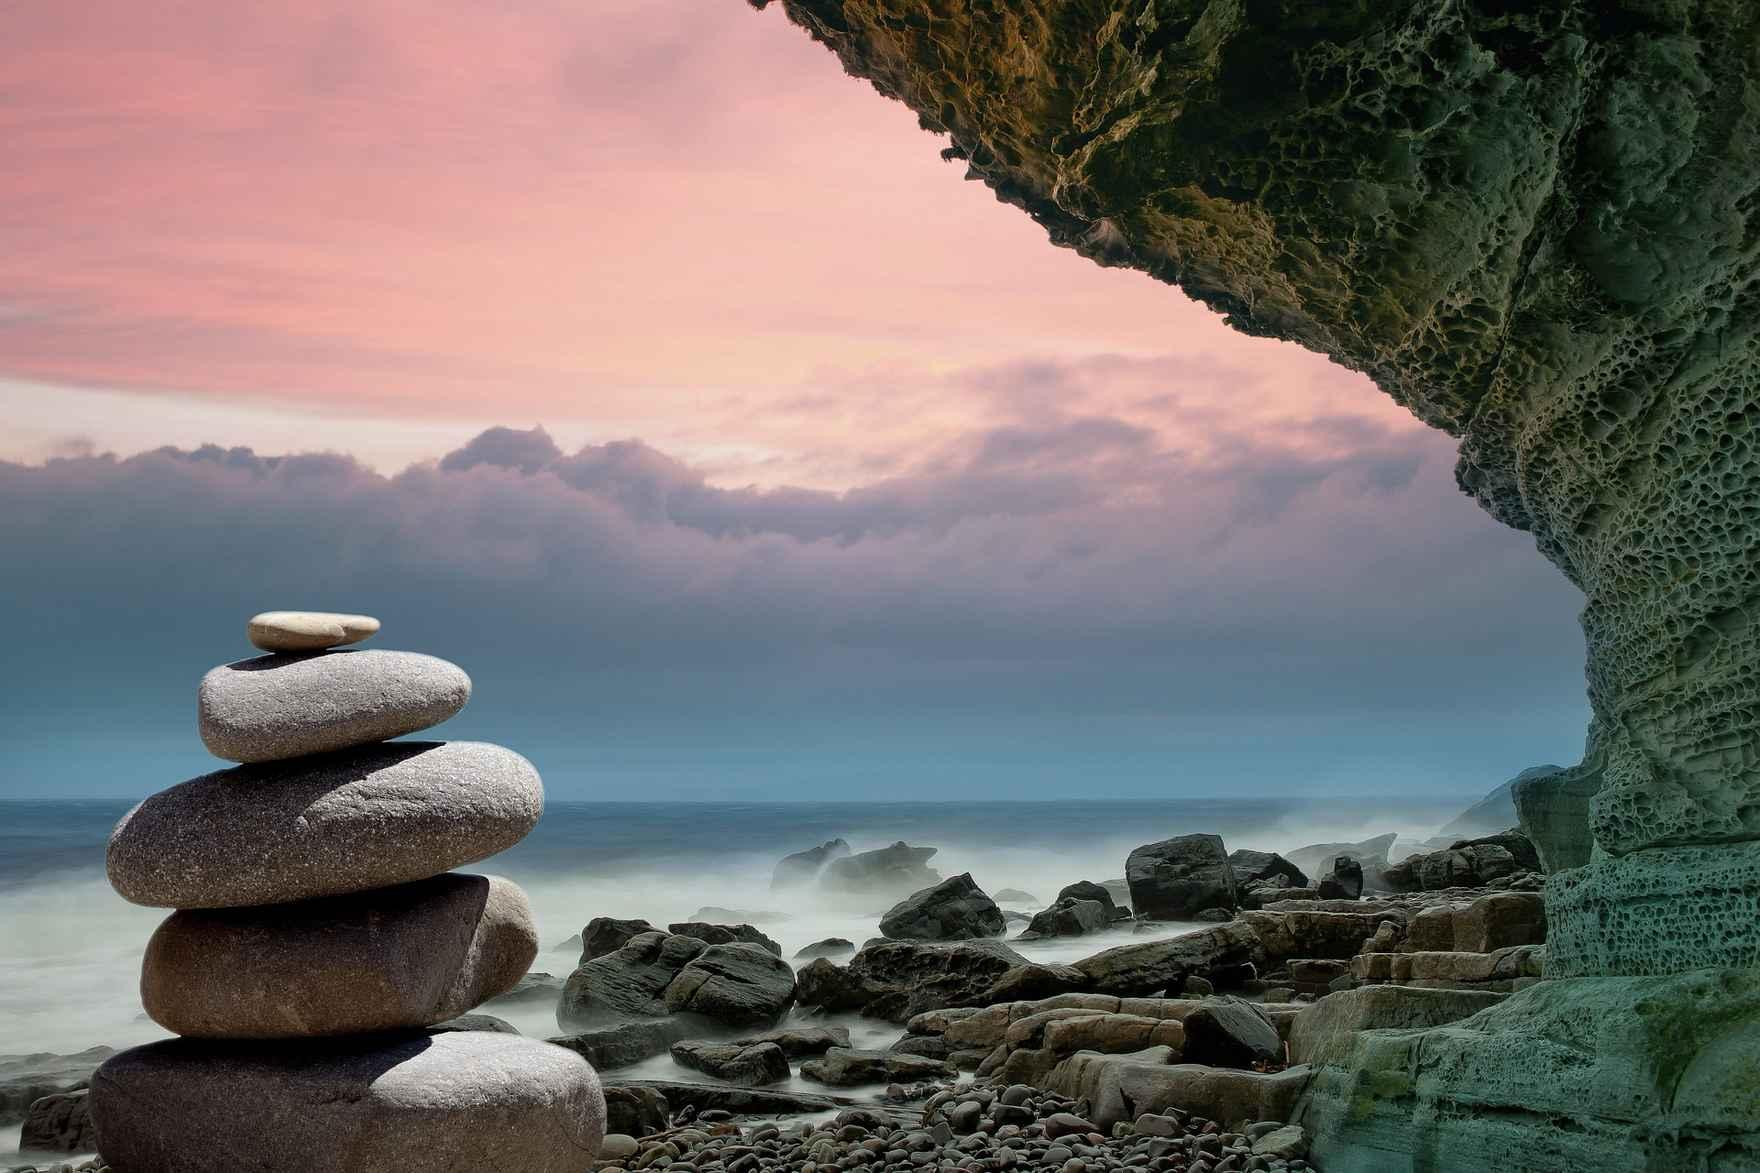 zen rocks sky and sea